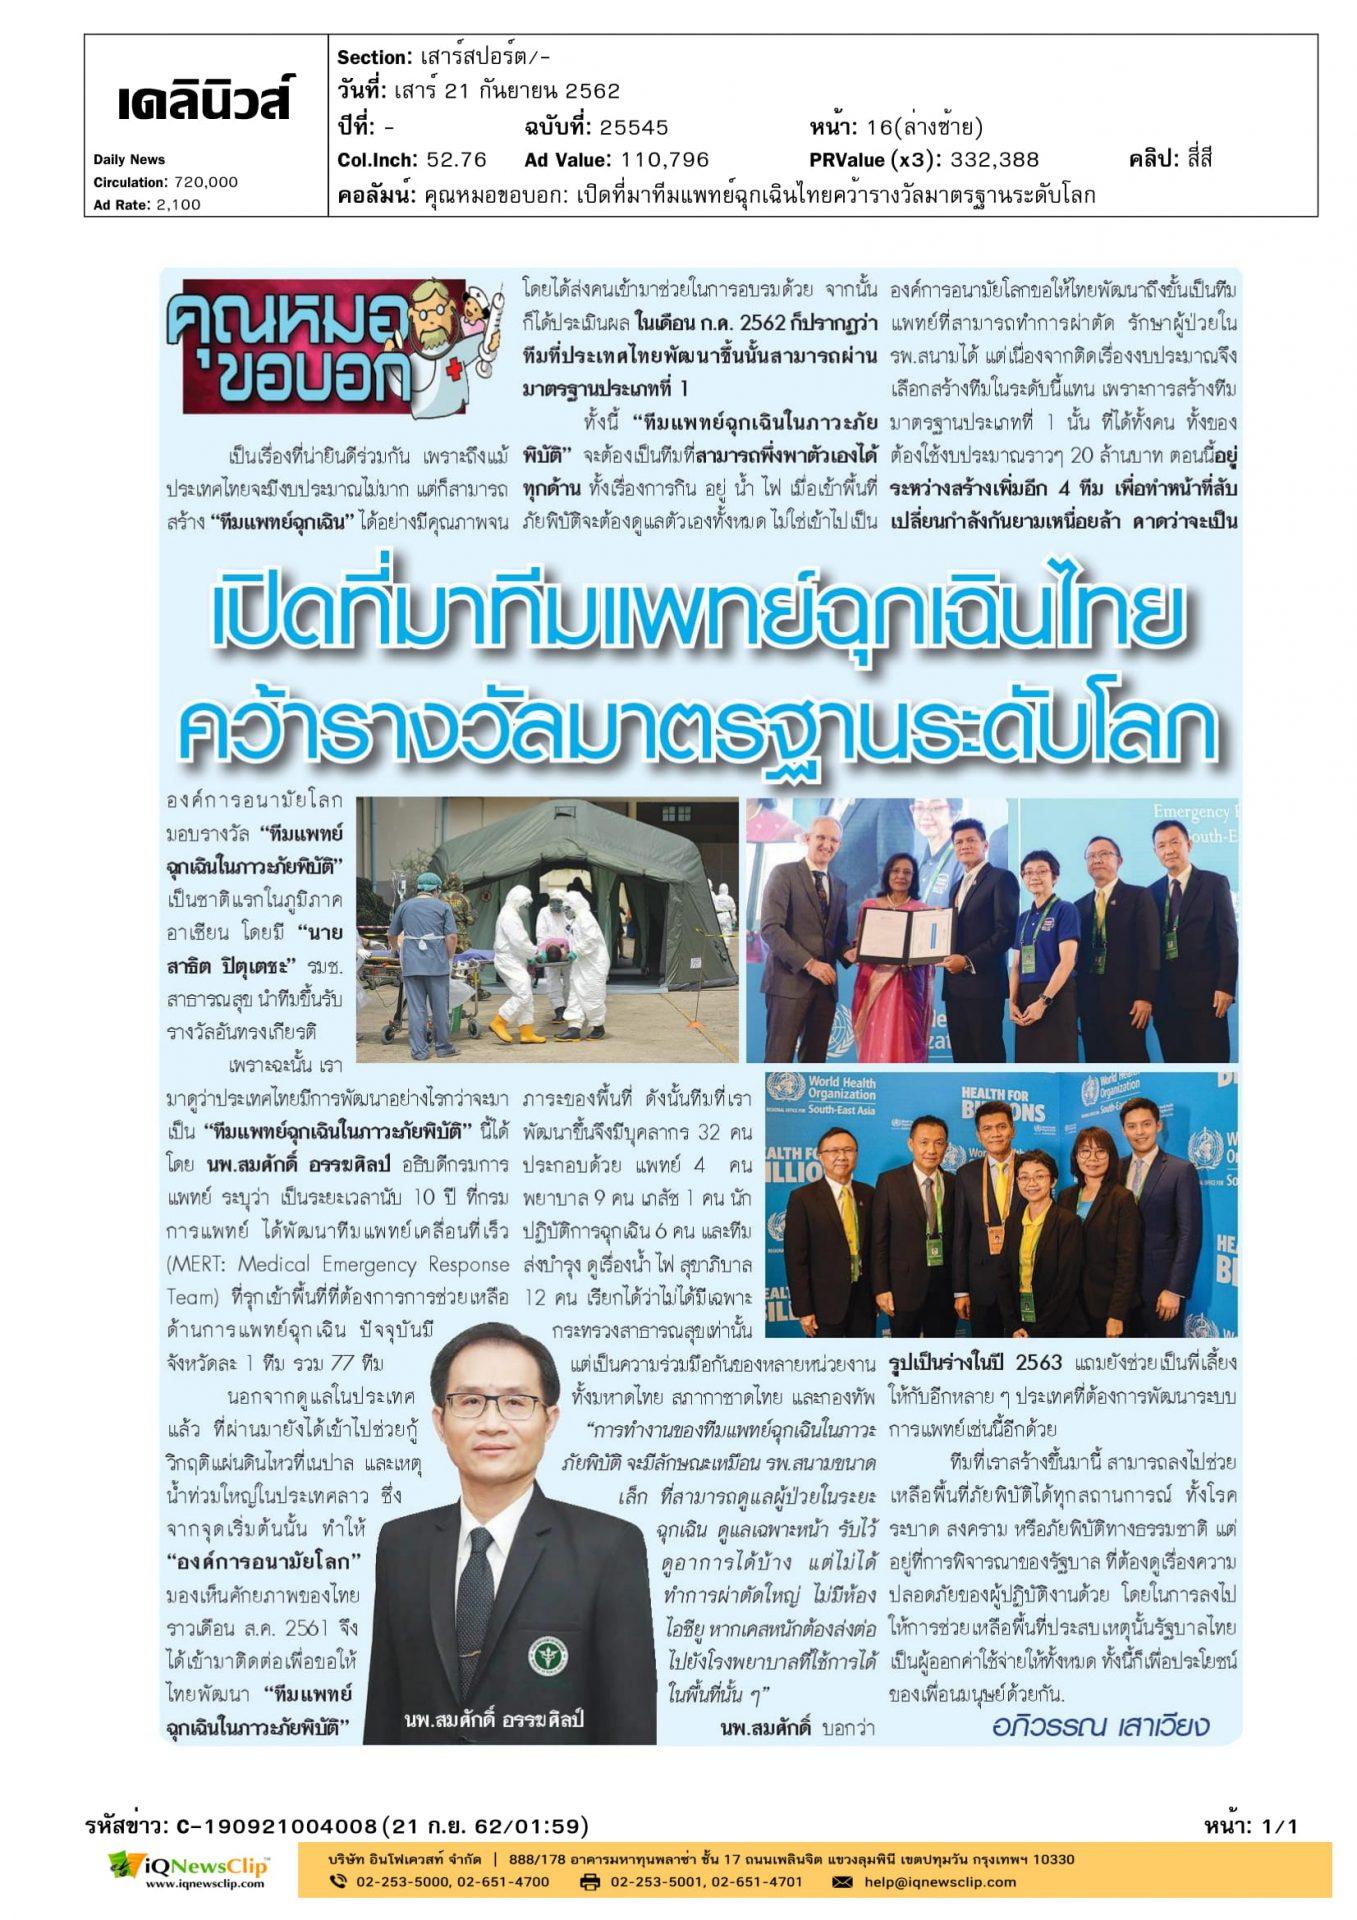 """บทความเรื่อง """"เปิดที่มาทีมแพทย์ฉุกเฉินไทย คว้ารางวัลมาตรฐานระดับโลก"""""""